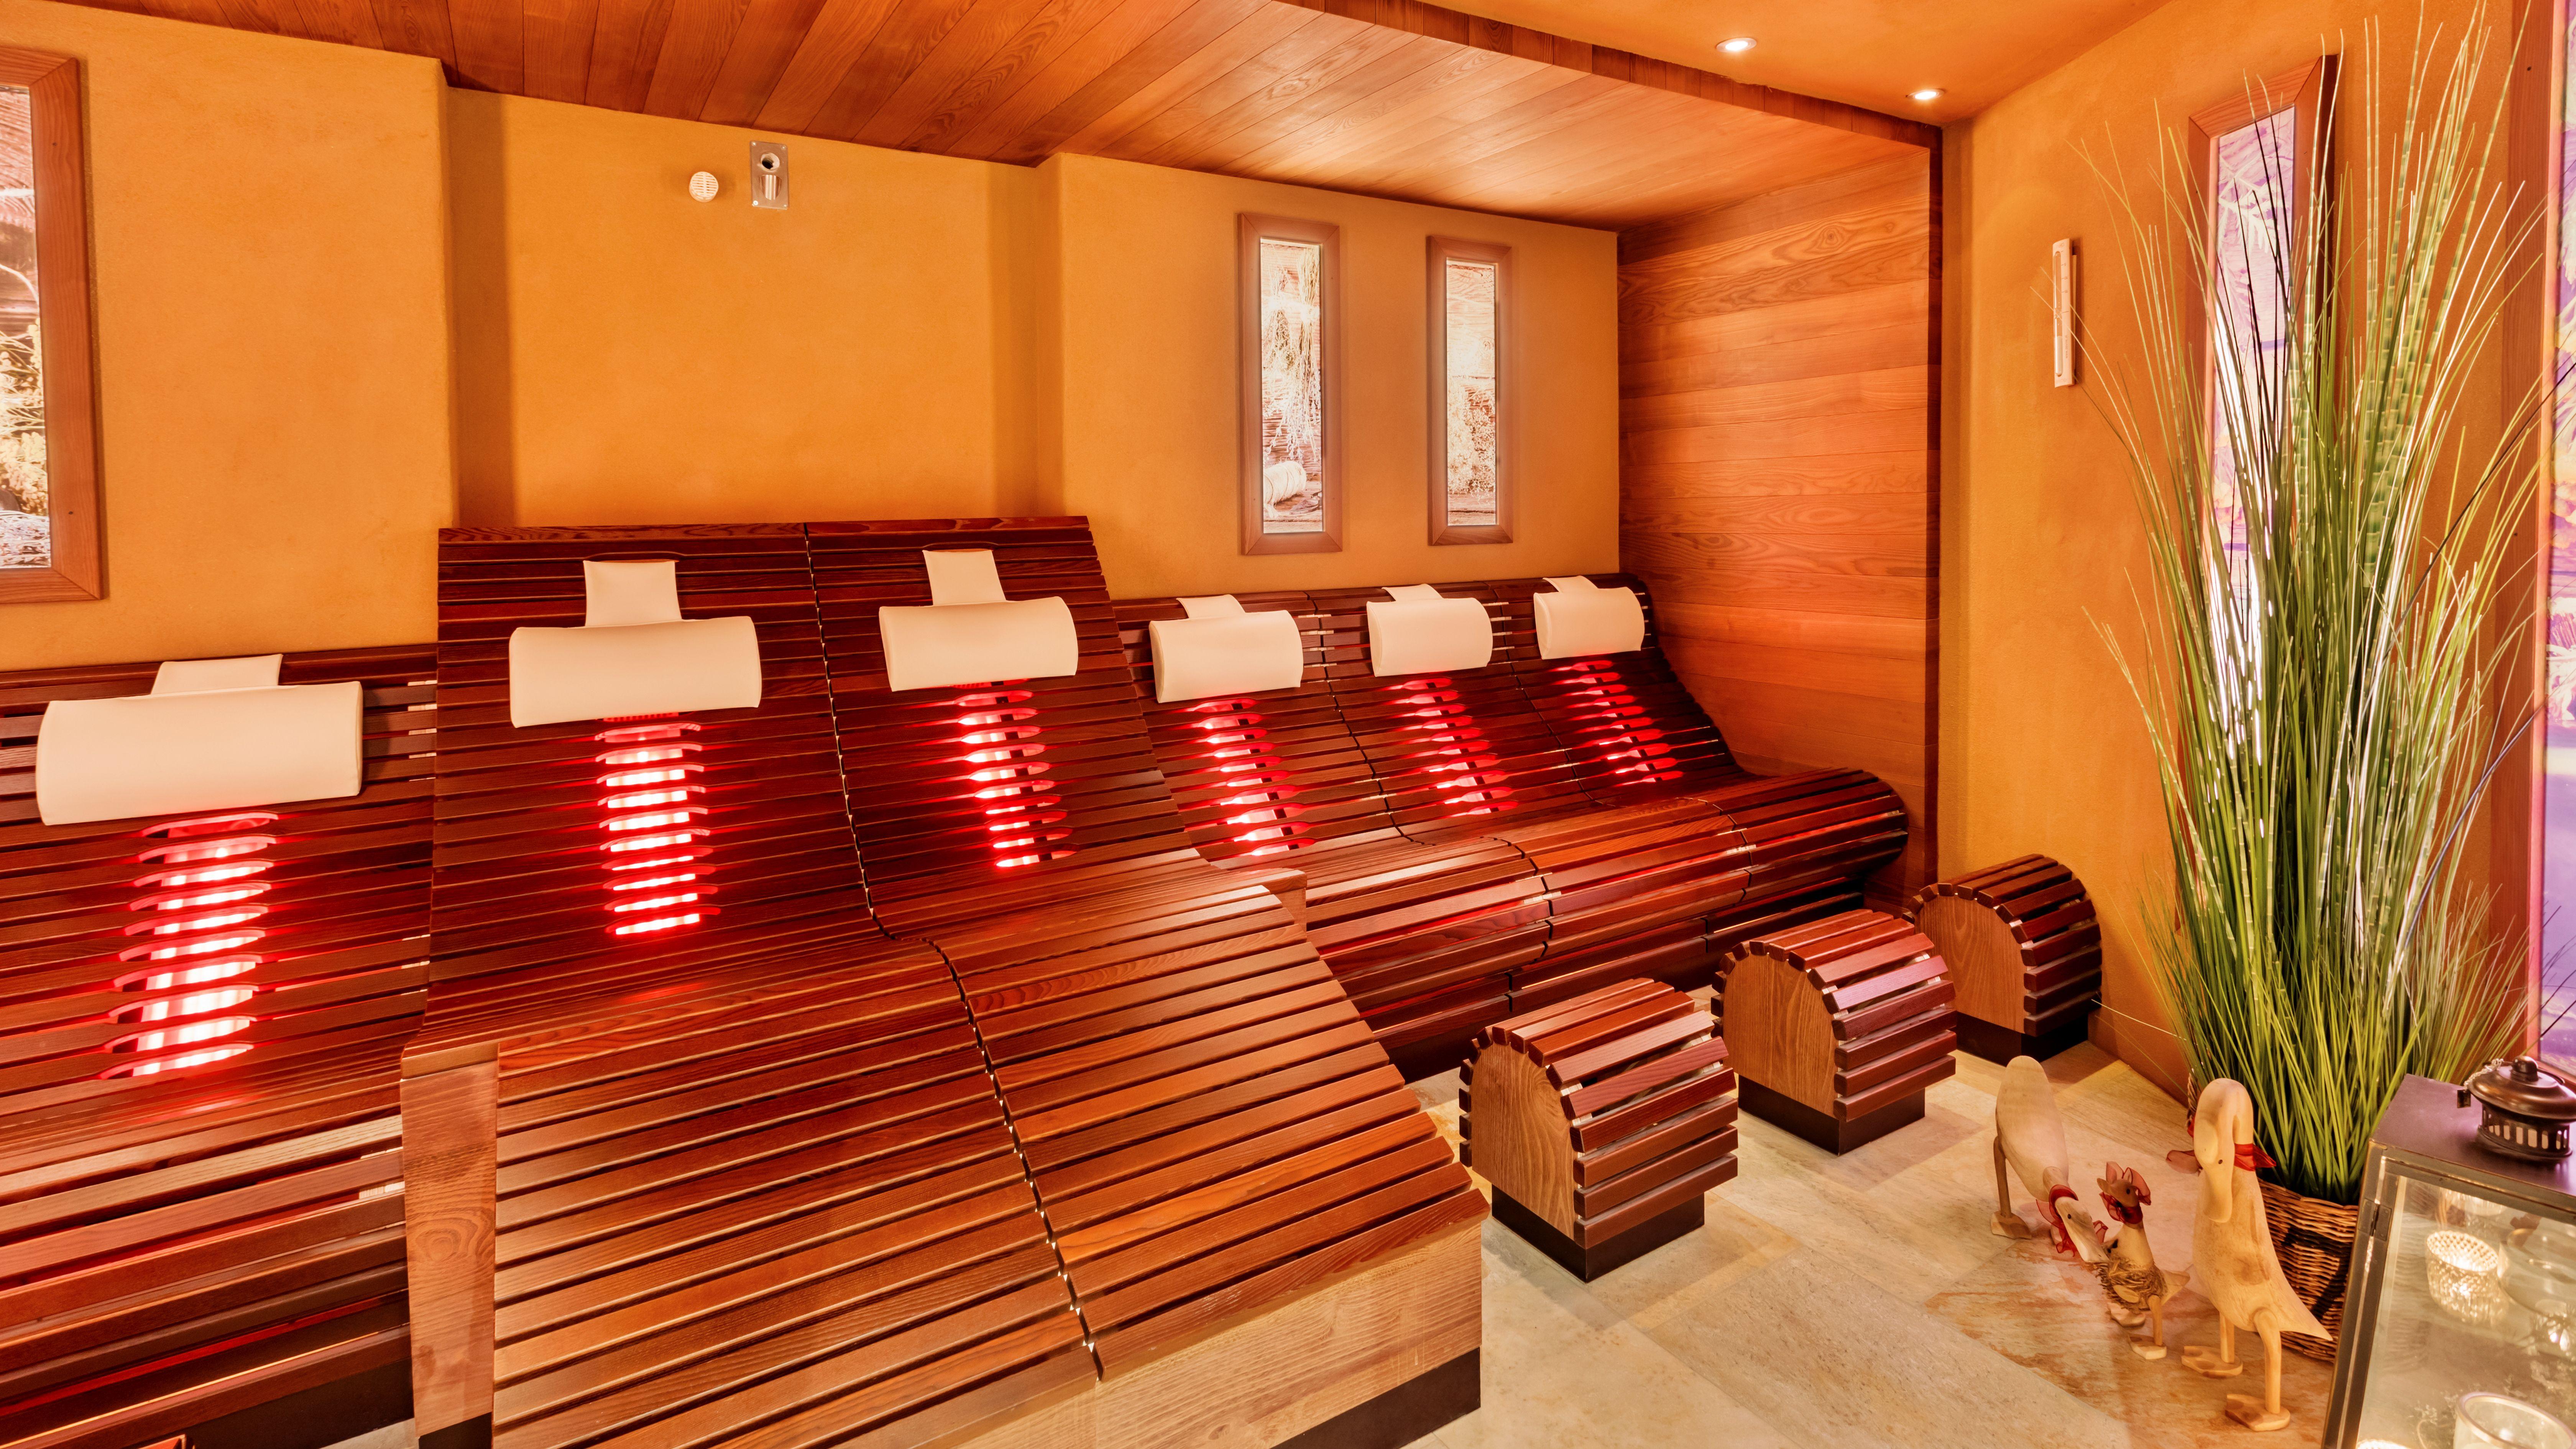 Romantischer Winkel - RoLigio & Wellness Resort -Saunalandschaft